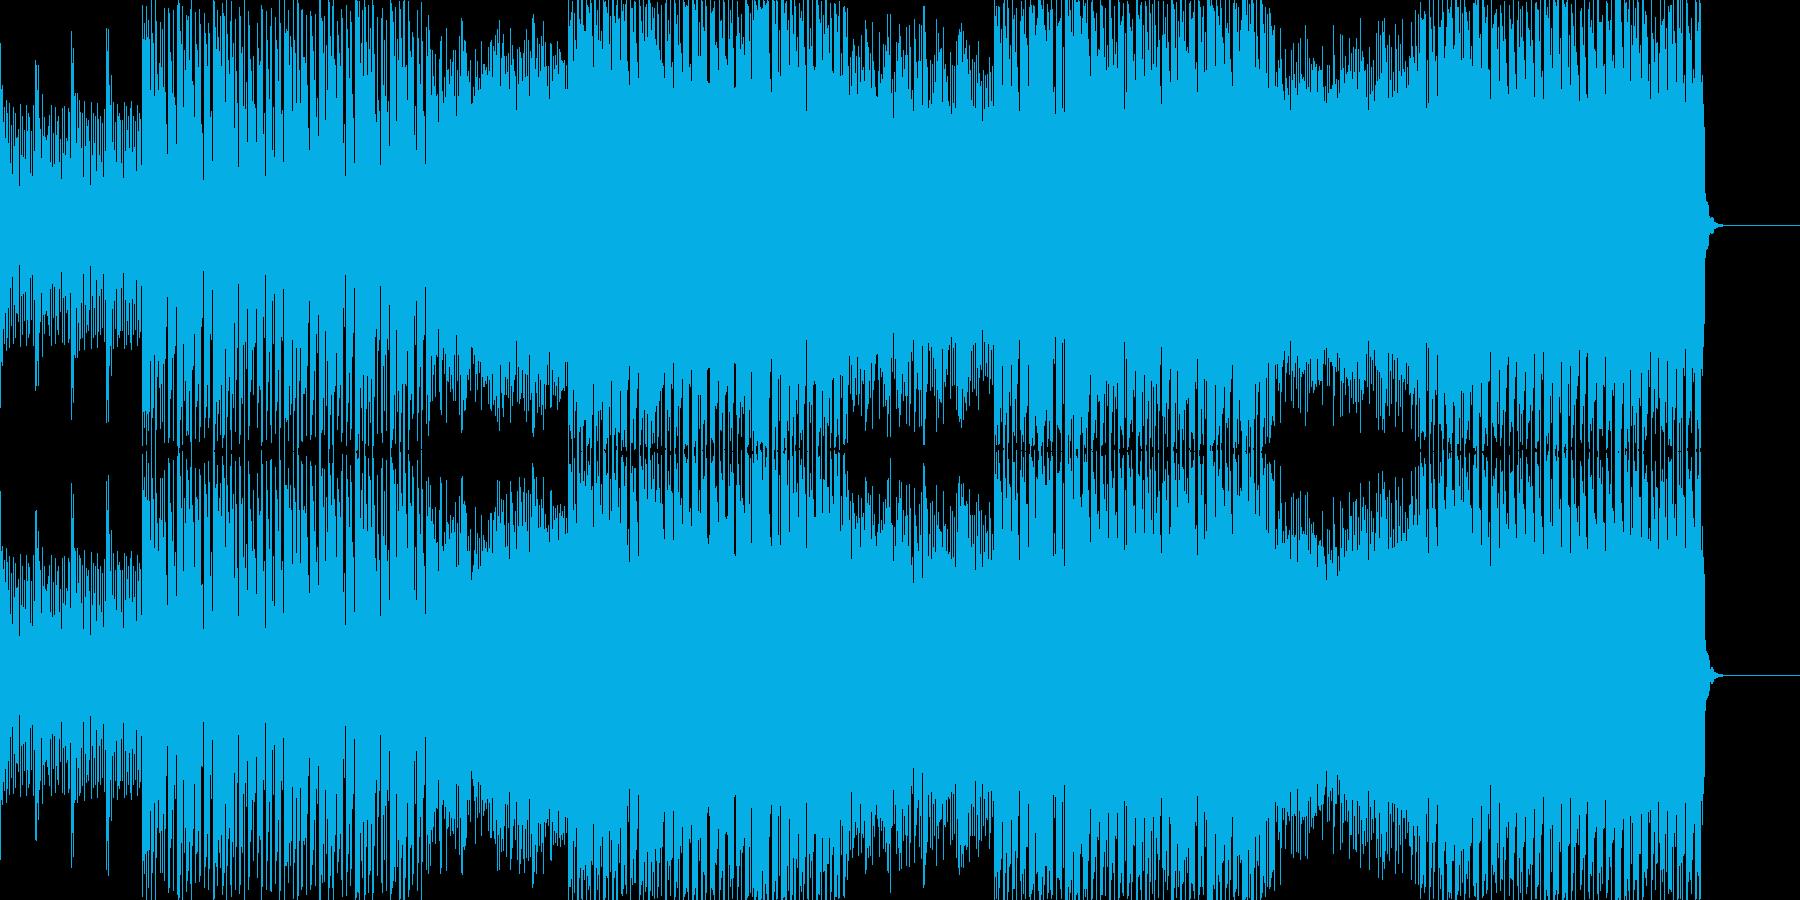 疾走感のあるエレクトリックな音楽の再生済みの波形